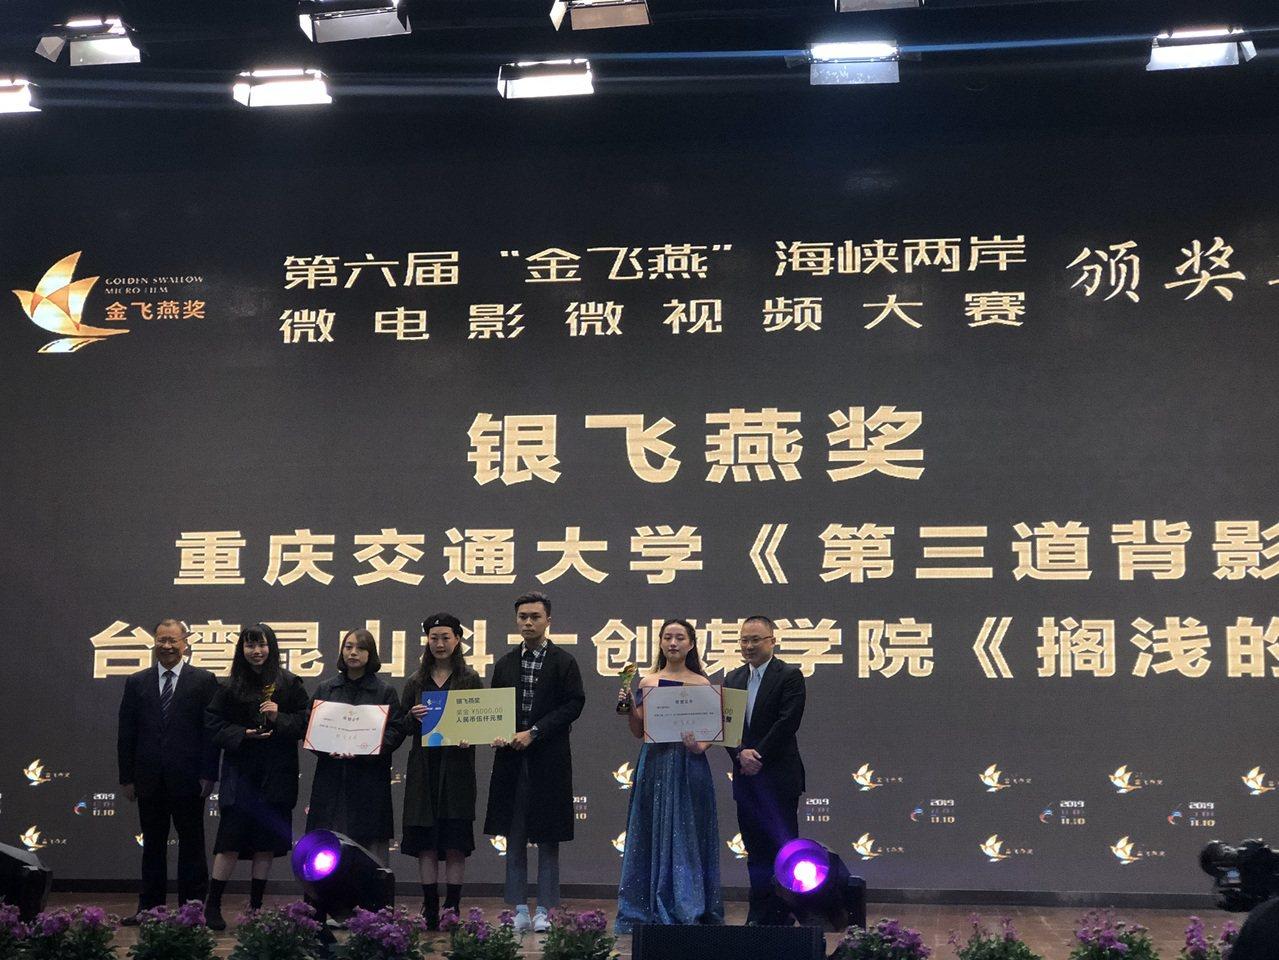 崑山科技大學創媒學院學生作品「擱淺的人」榮獲「銀飛燕獎」。記者 許玉娟/攝影